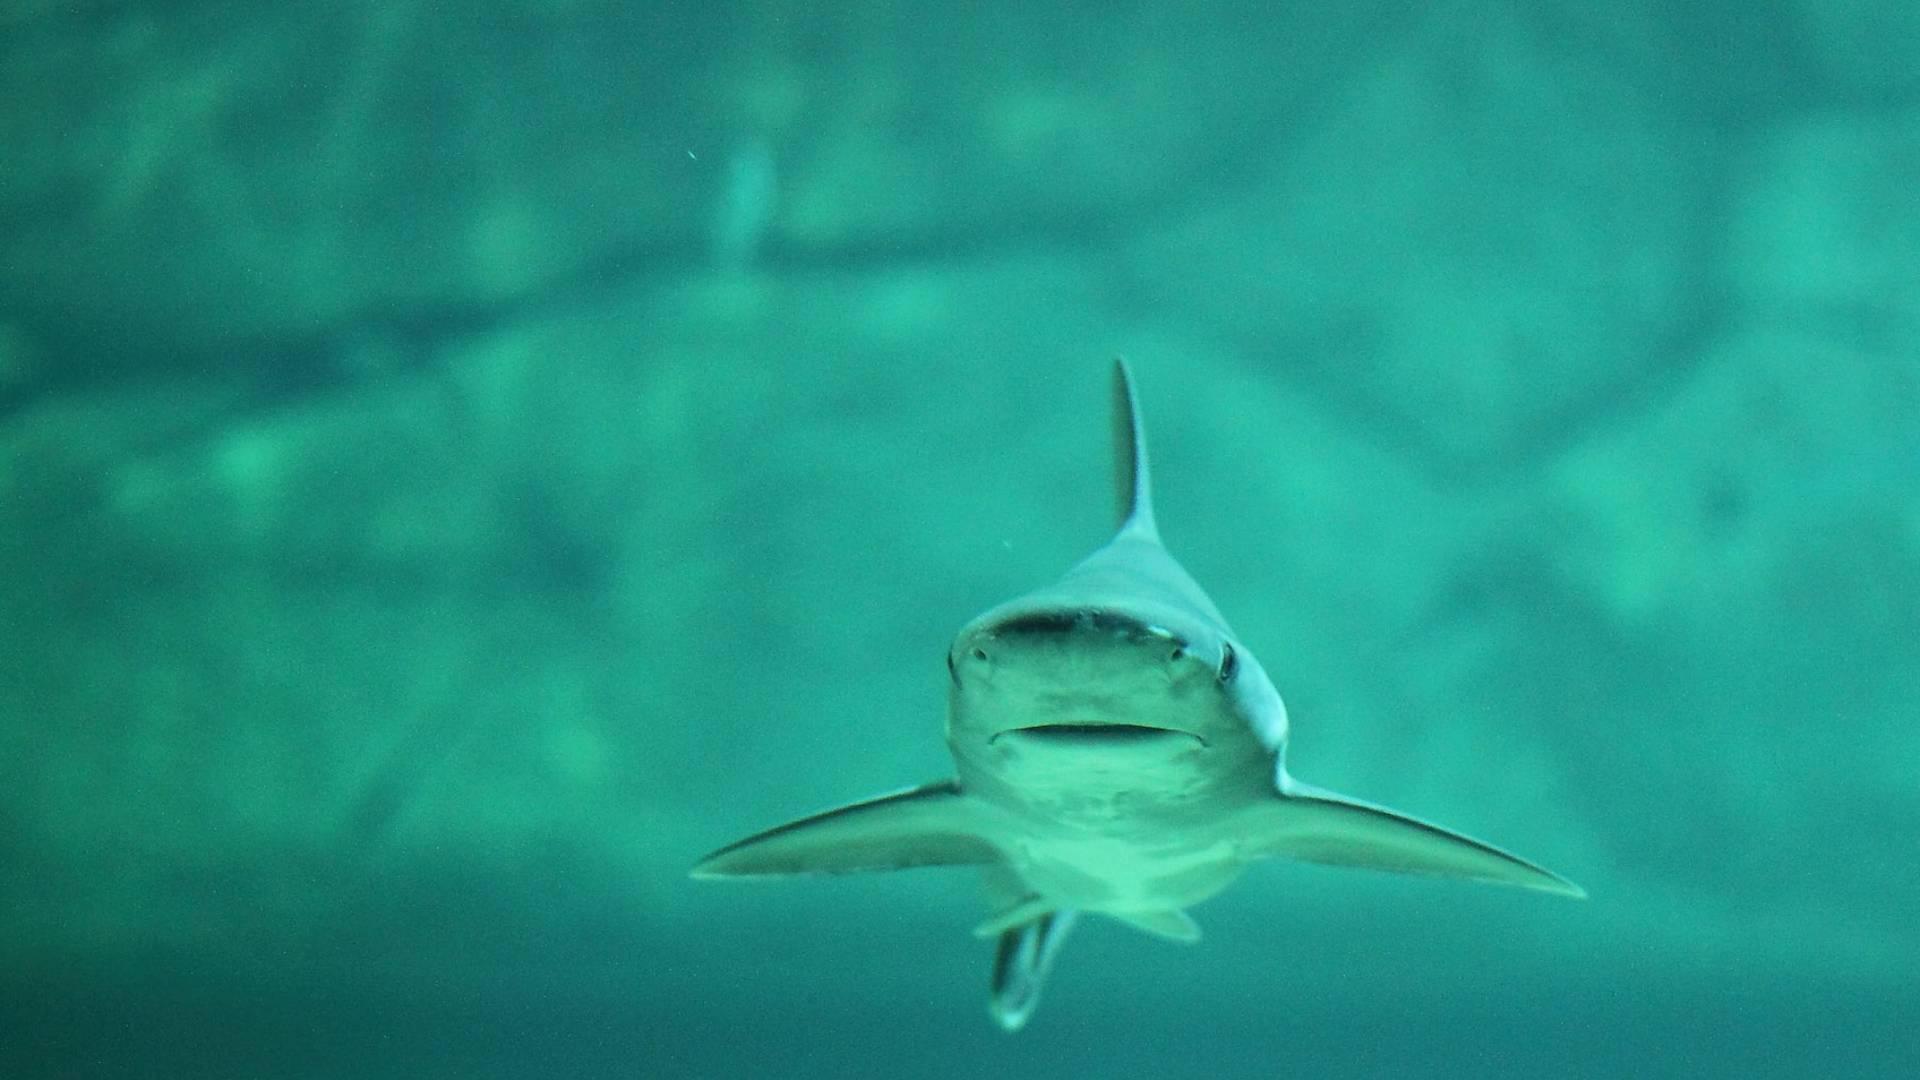 Haie Surfen um Energie zu Sparen